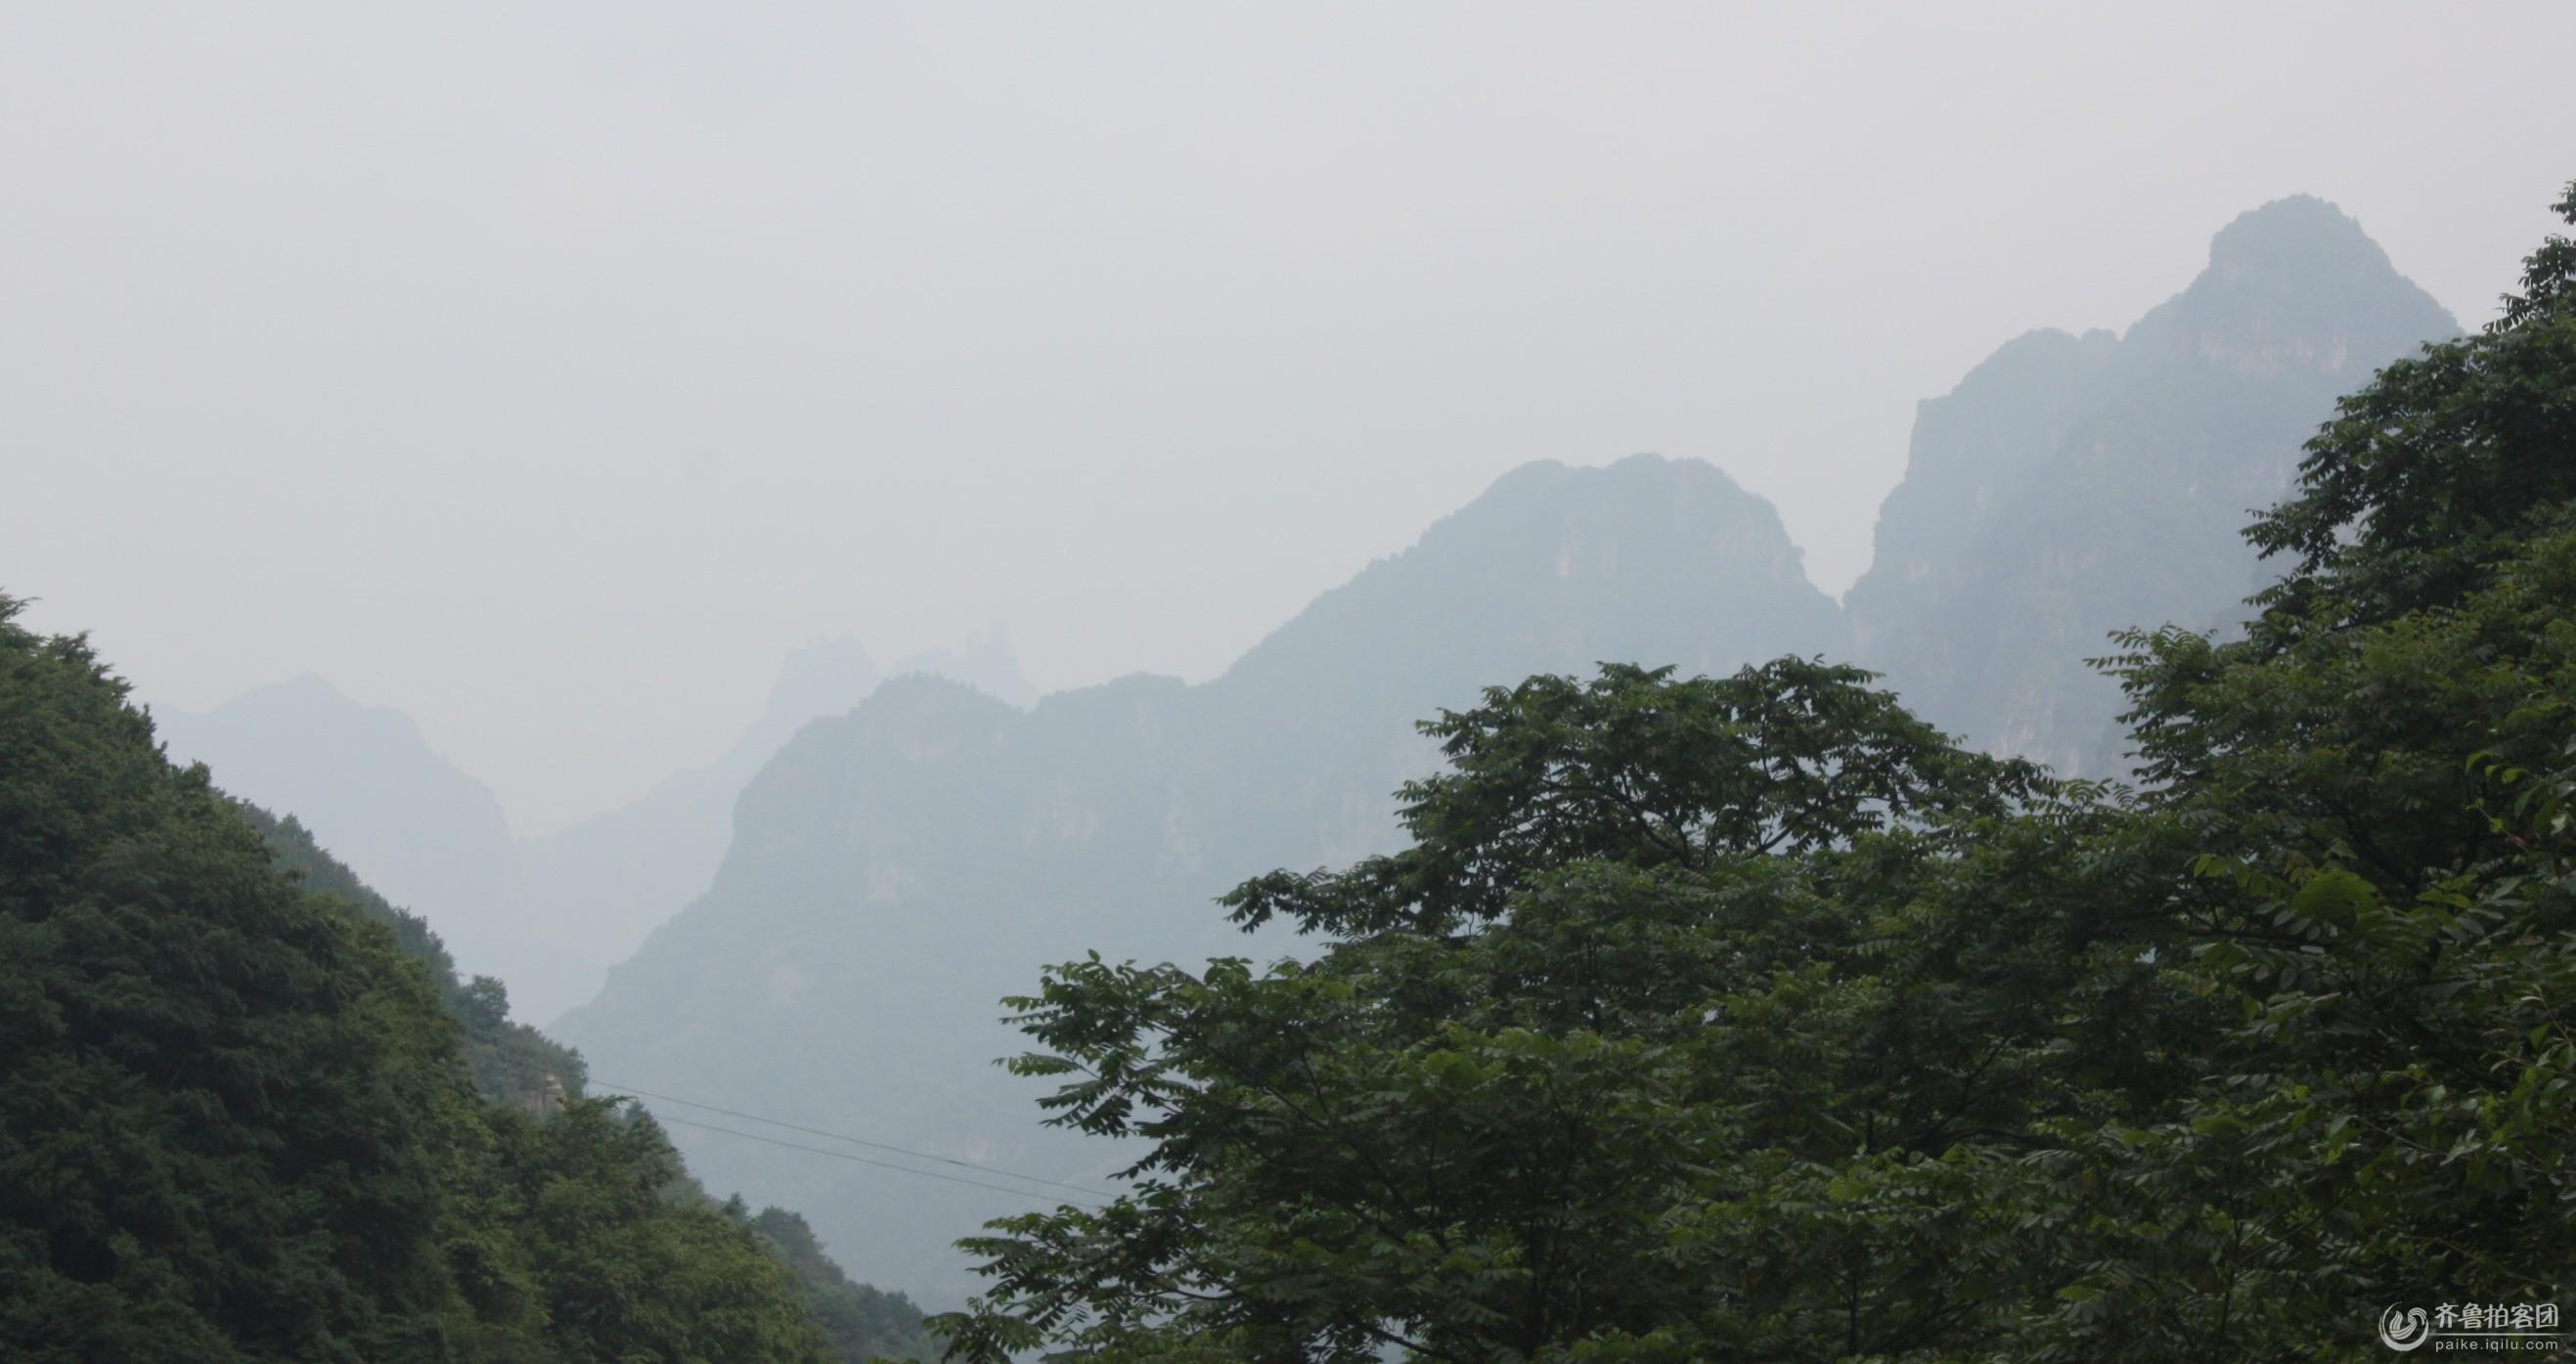 论坛 69 齐鲁拍客团 69 菏泽拍客 69 万仙山风景